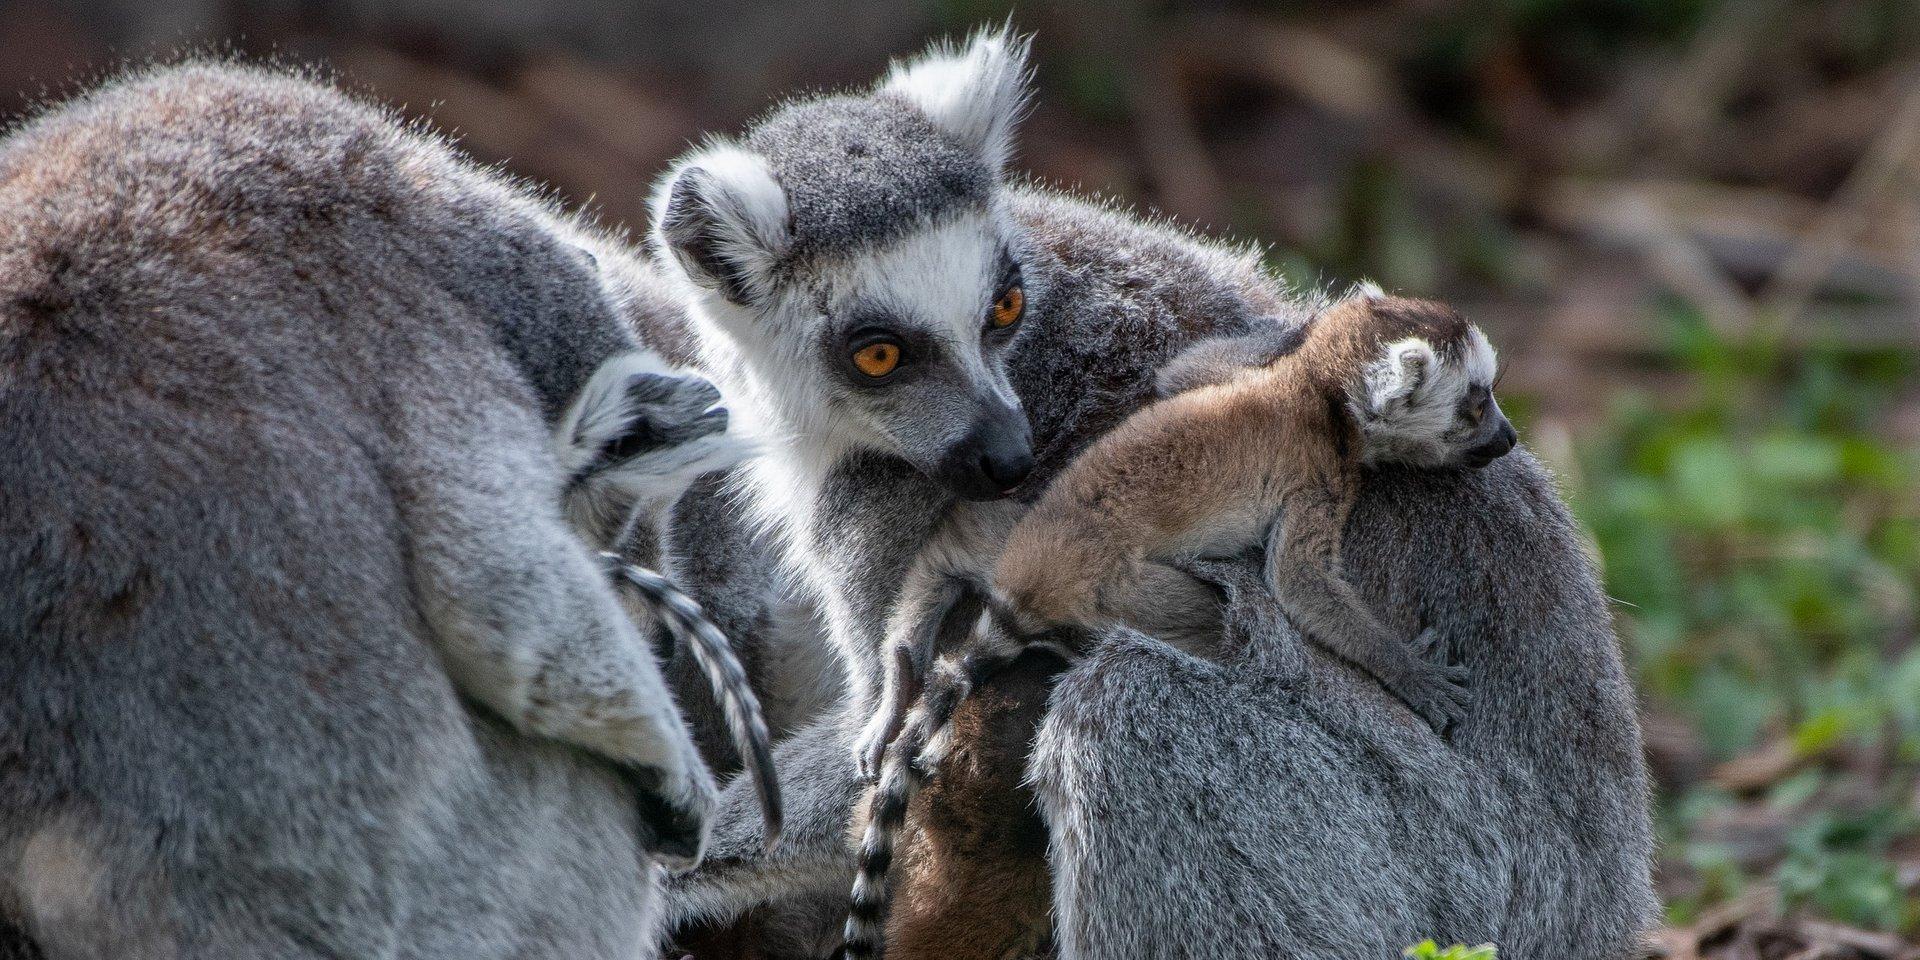 Lemur w marketingu czyli po pierwsze, nie szkodzić